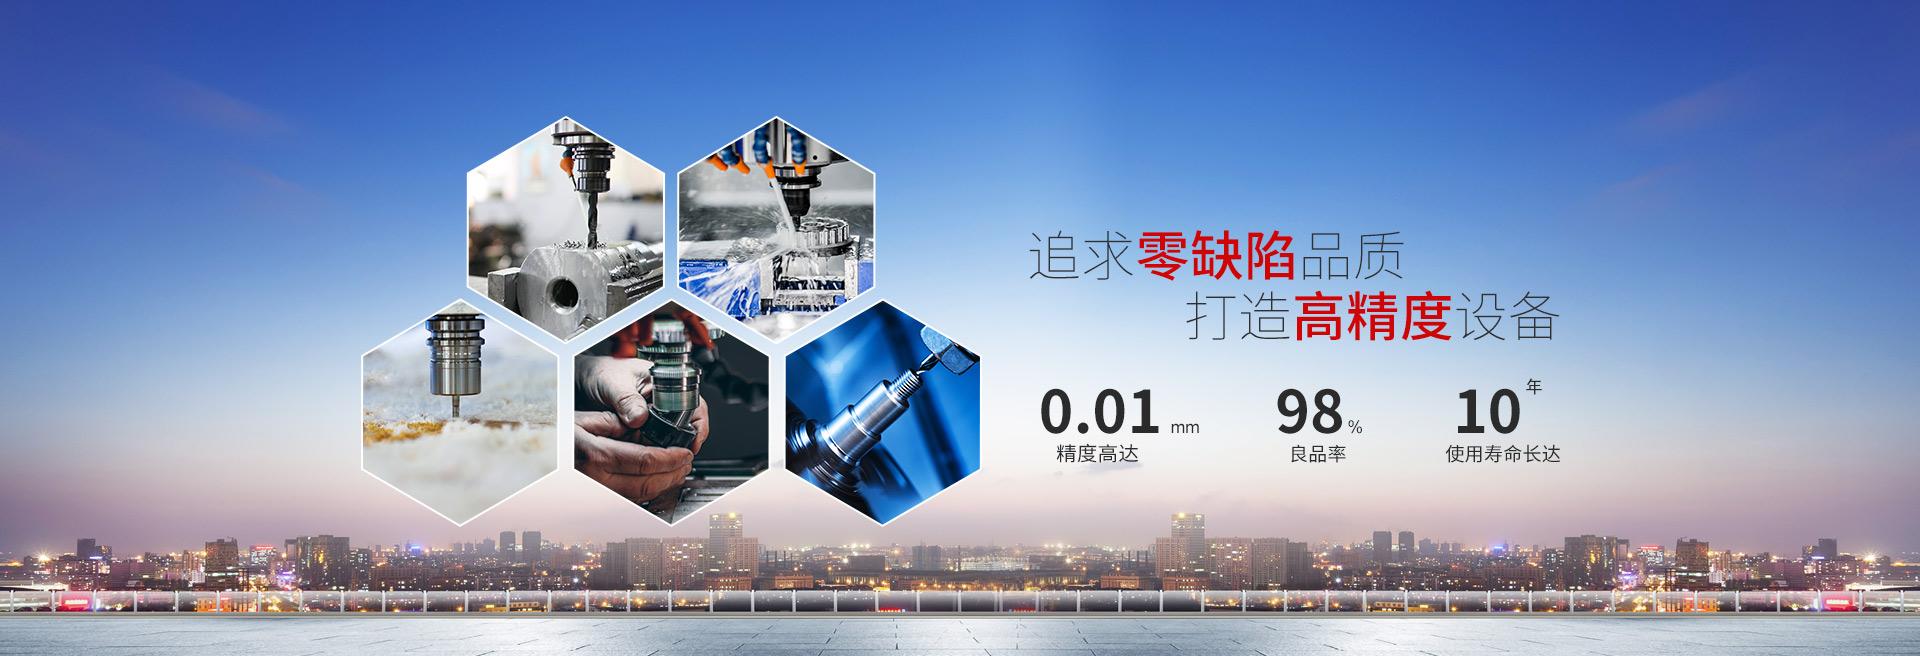 鼎拓数控-追求零缺陷品质,打造高精度设备